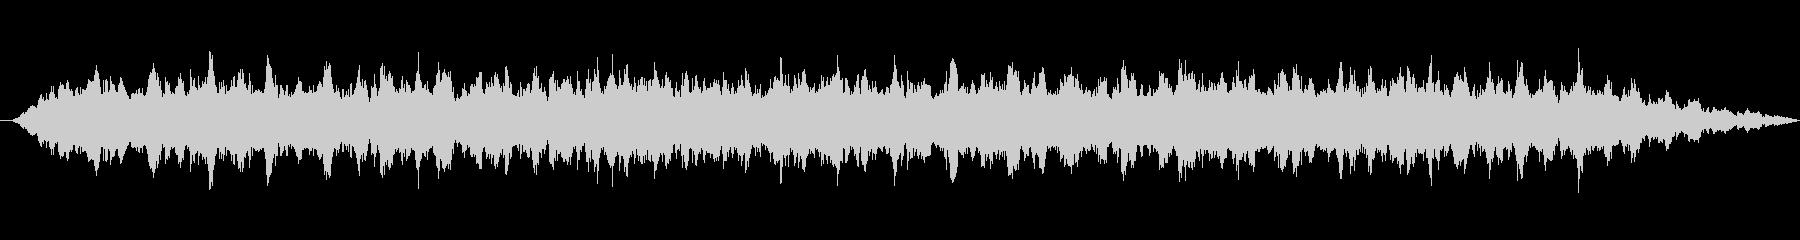 アラームカオス複数のアラーム。マル...の未再生の波形